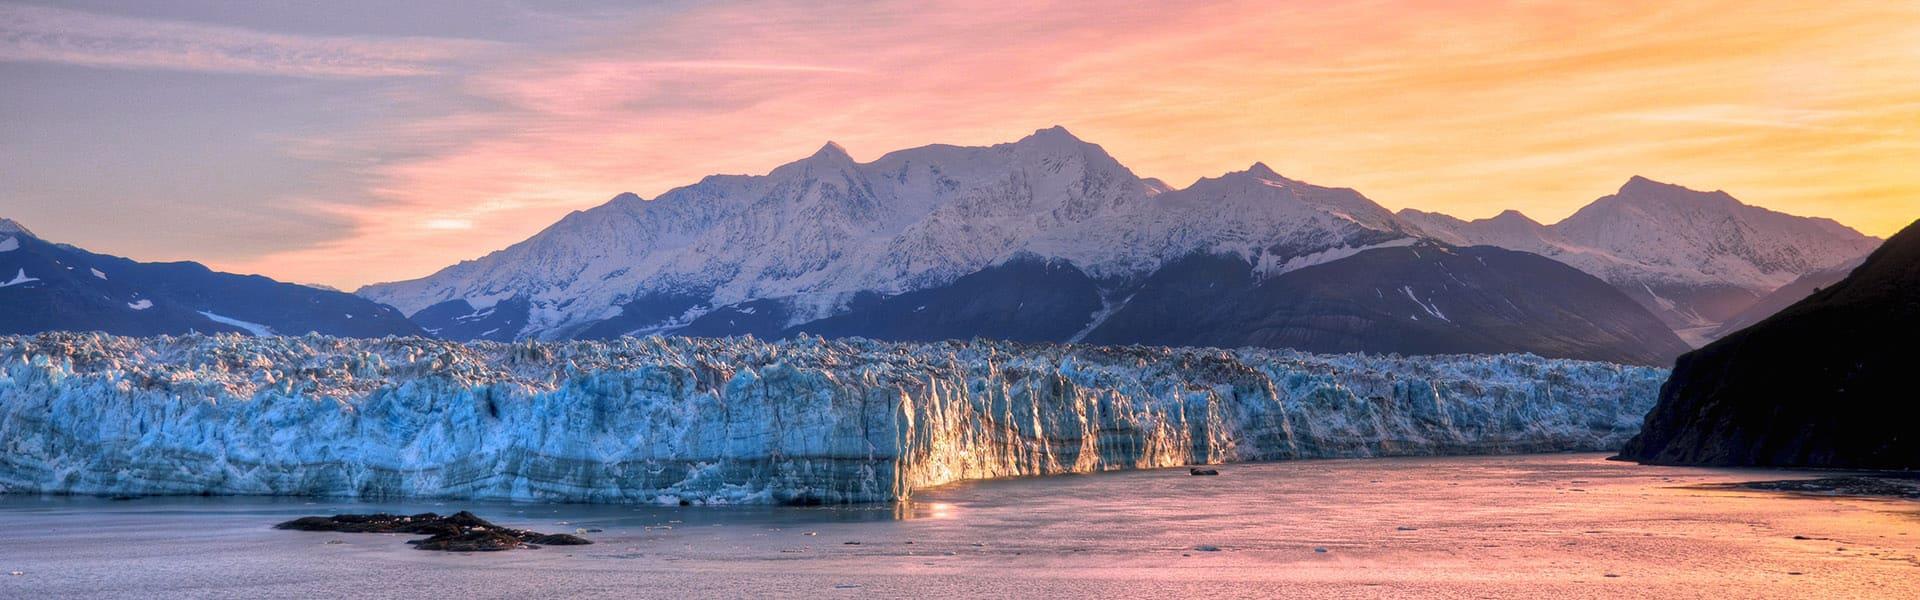 Alaska: Glacier Bay, Skagway & Juneau to Seward